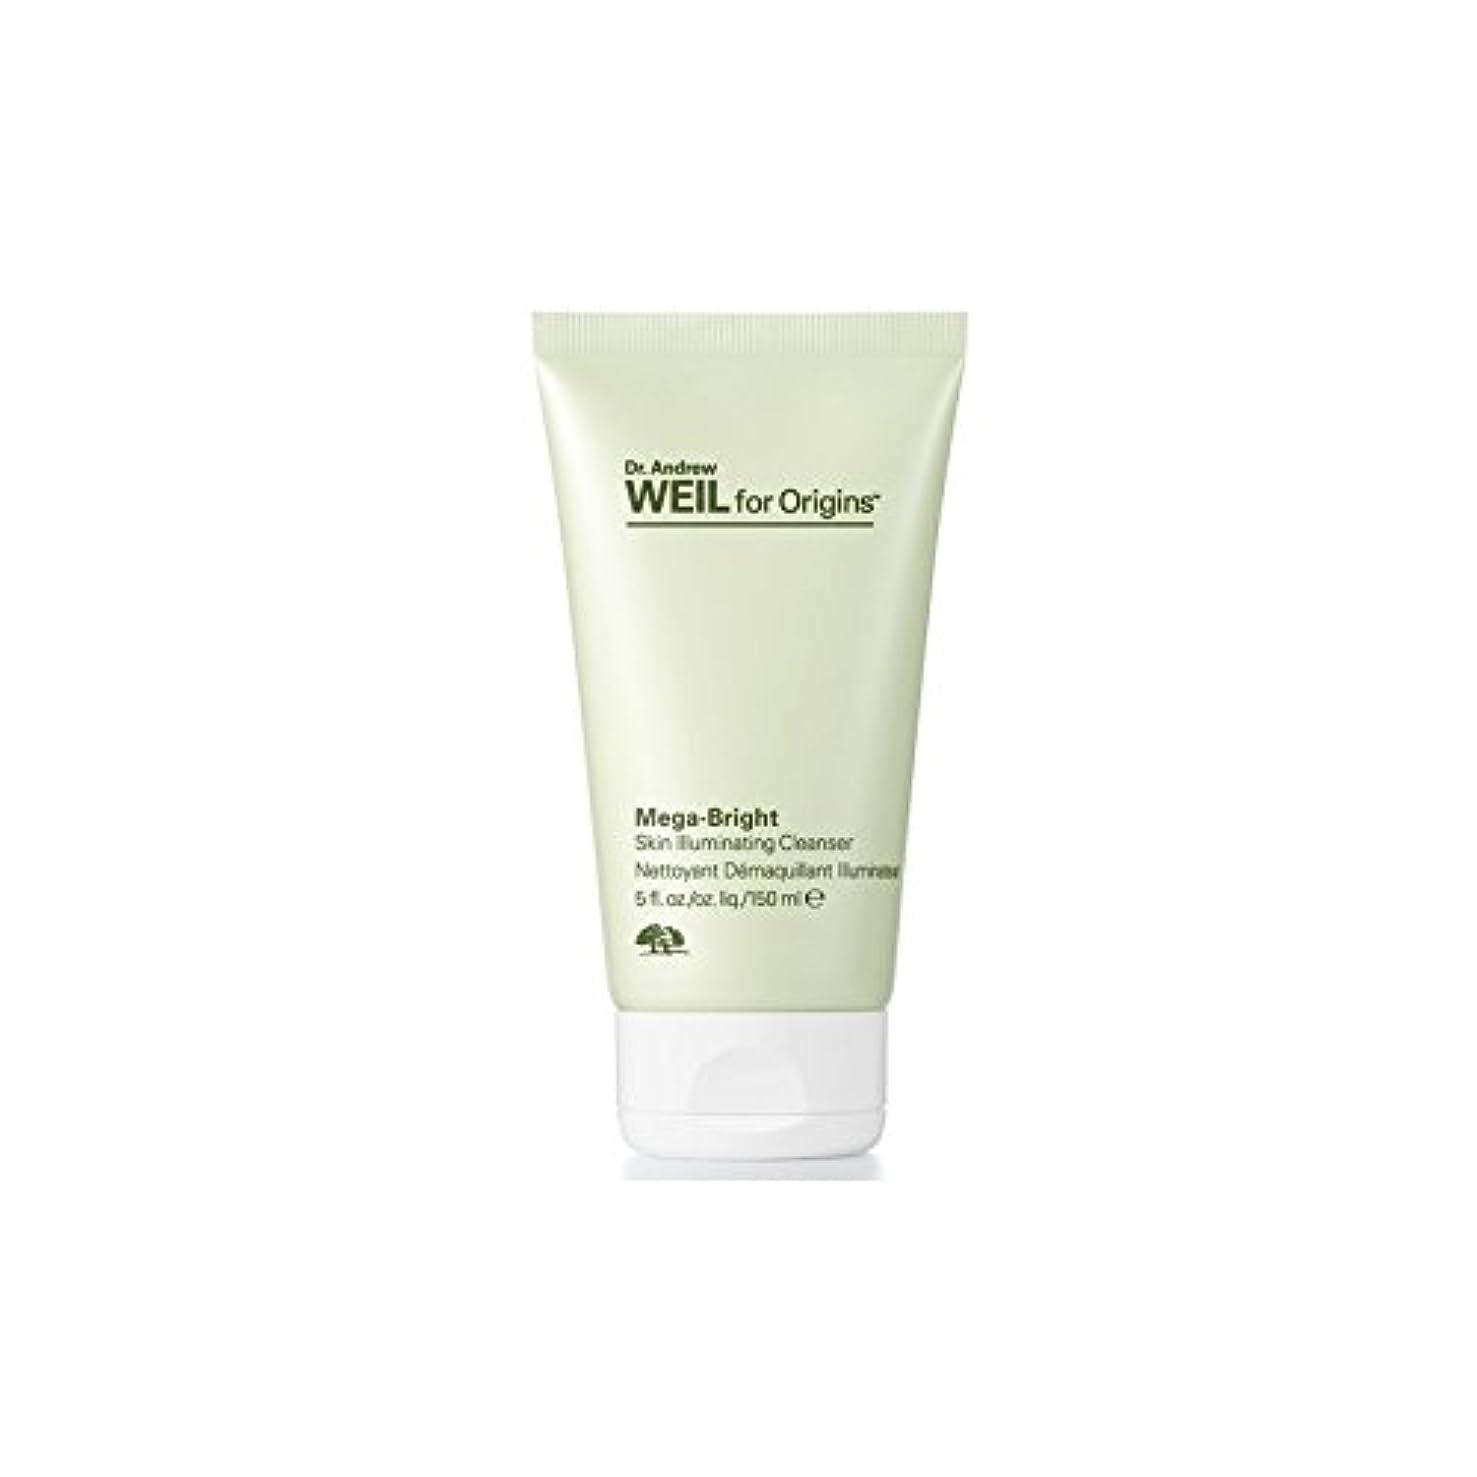 家畜疲労ずんぐりしたOrigins Dr. Andrew Weil For Origins? Mega-Bright Skin Illuminating Cleanser 150ml - 起源アンドルー・ワイルクレンザー150ミリリットルを...